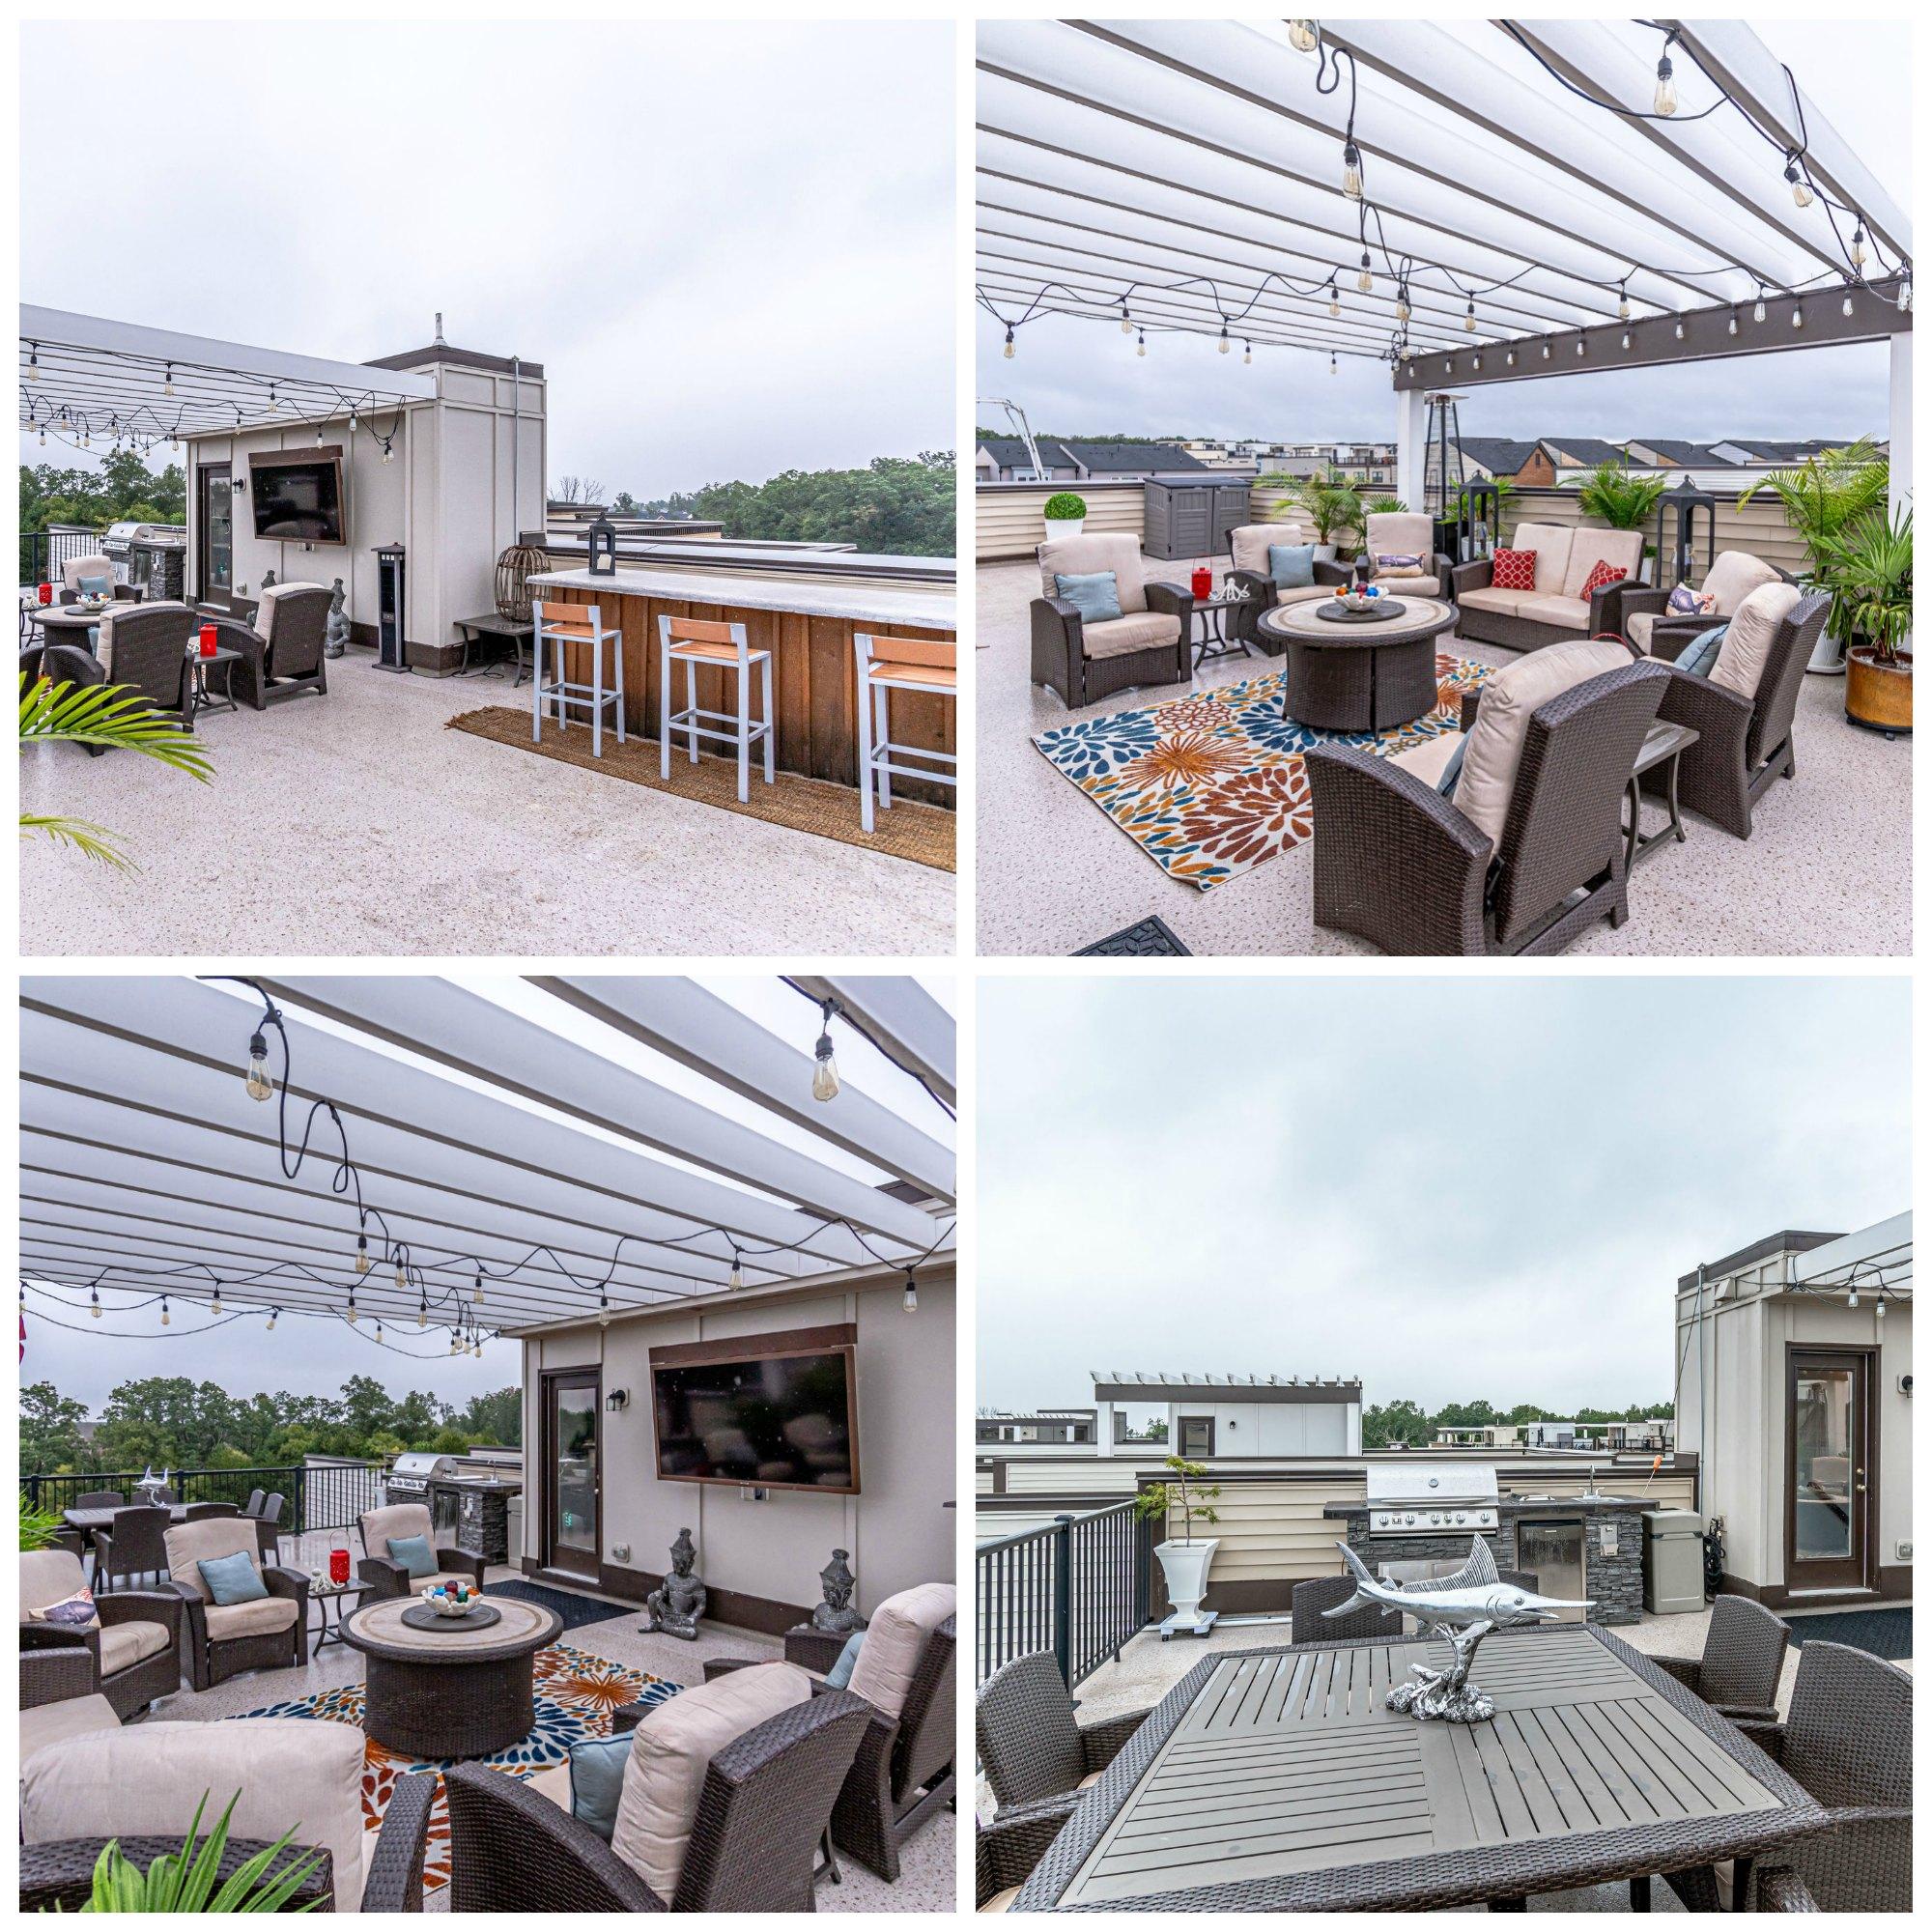 23094 Sullivans Cove Sq, Brambleton- Rooftop